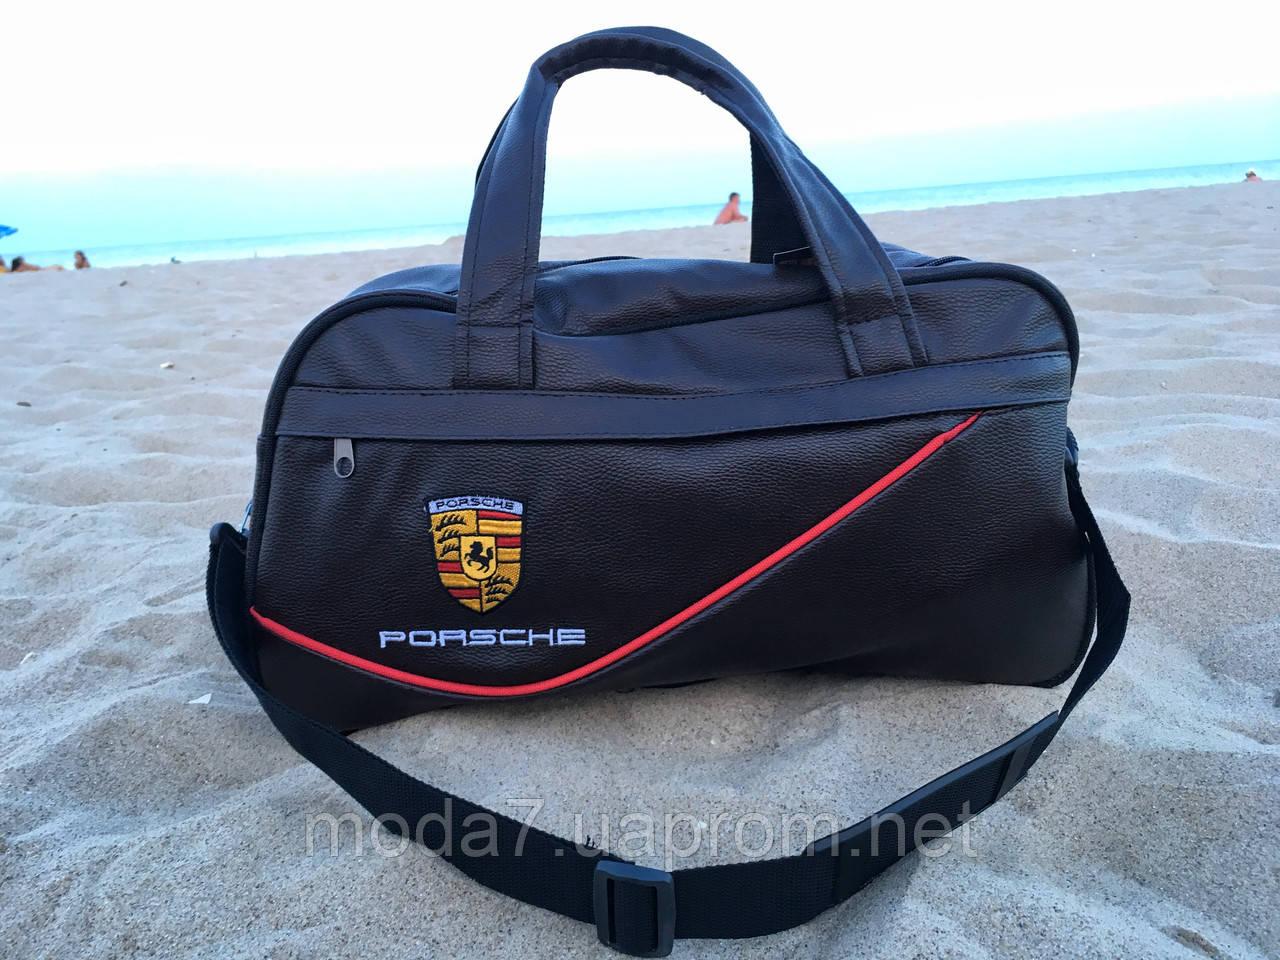 Спортивная сумка Porsche коричневая реплика